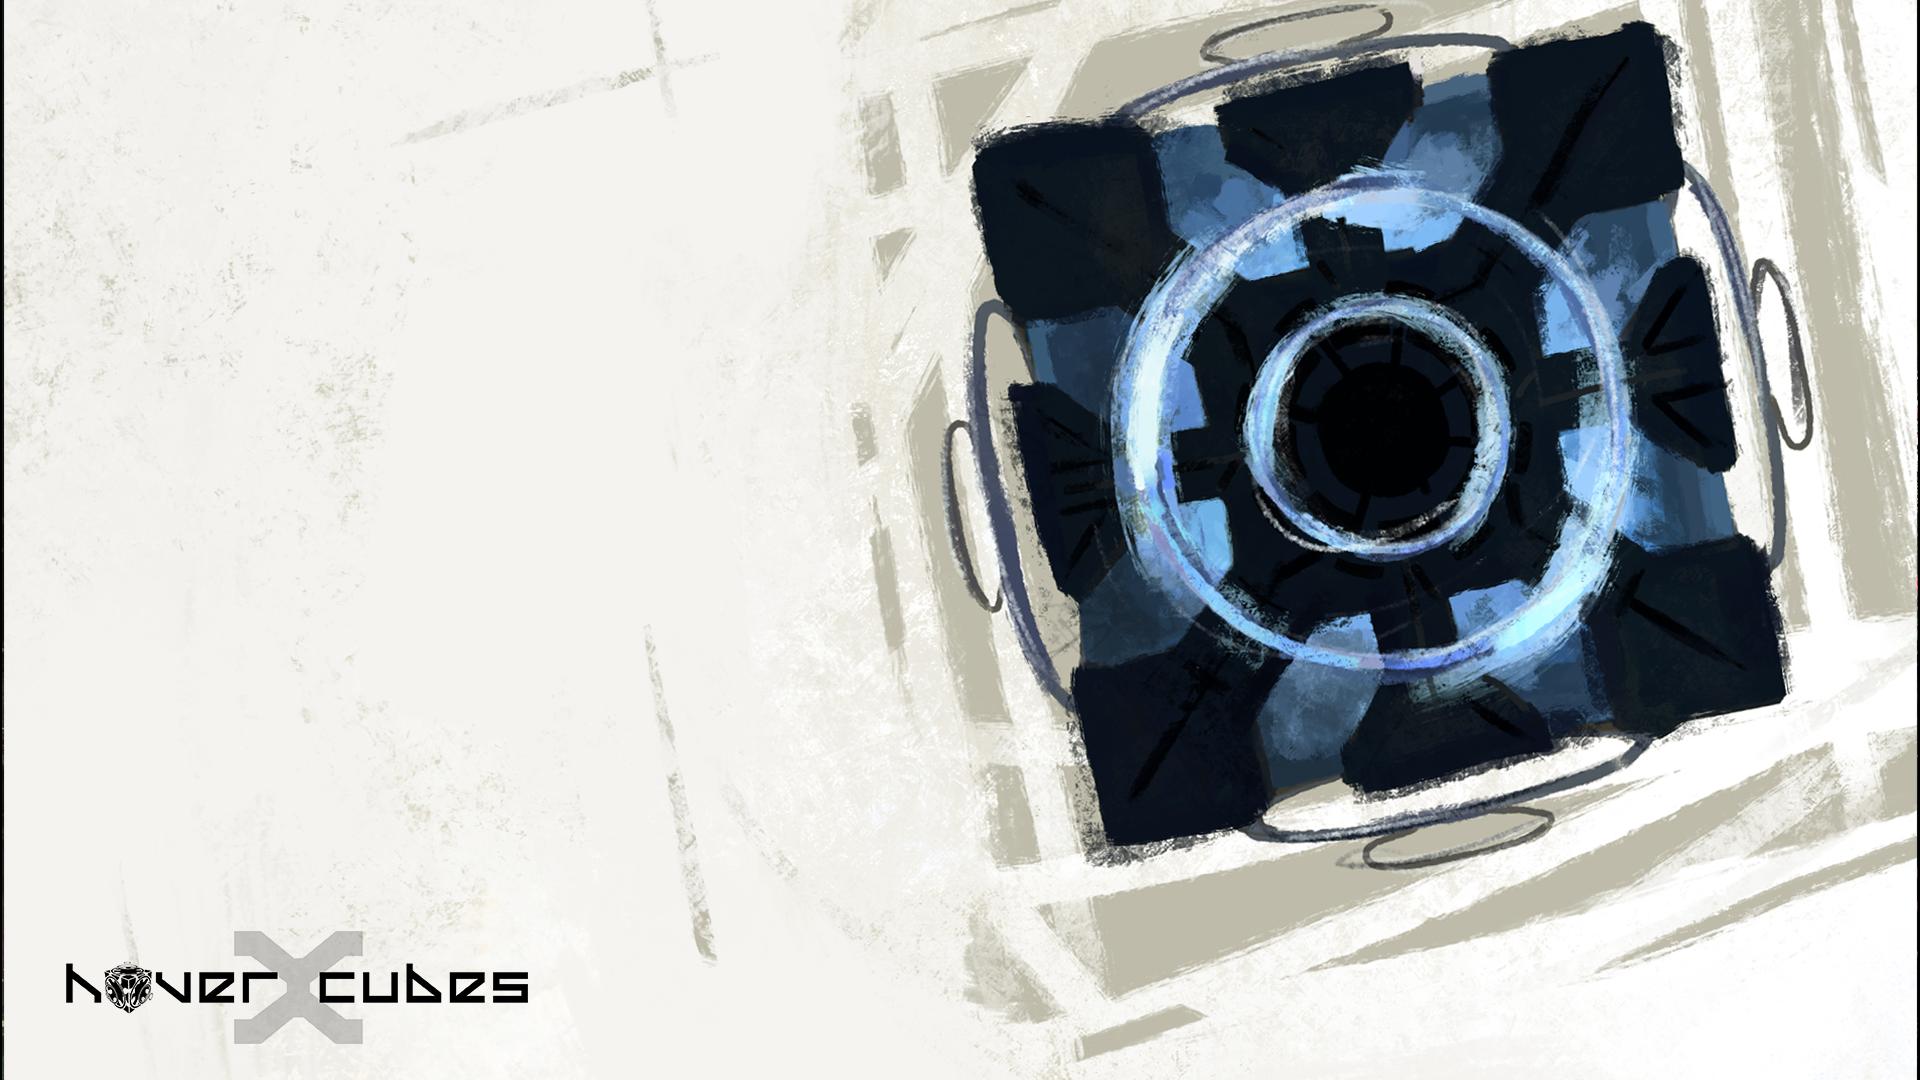 Gametology_HCX_Artwork_by_Vasburg02